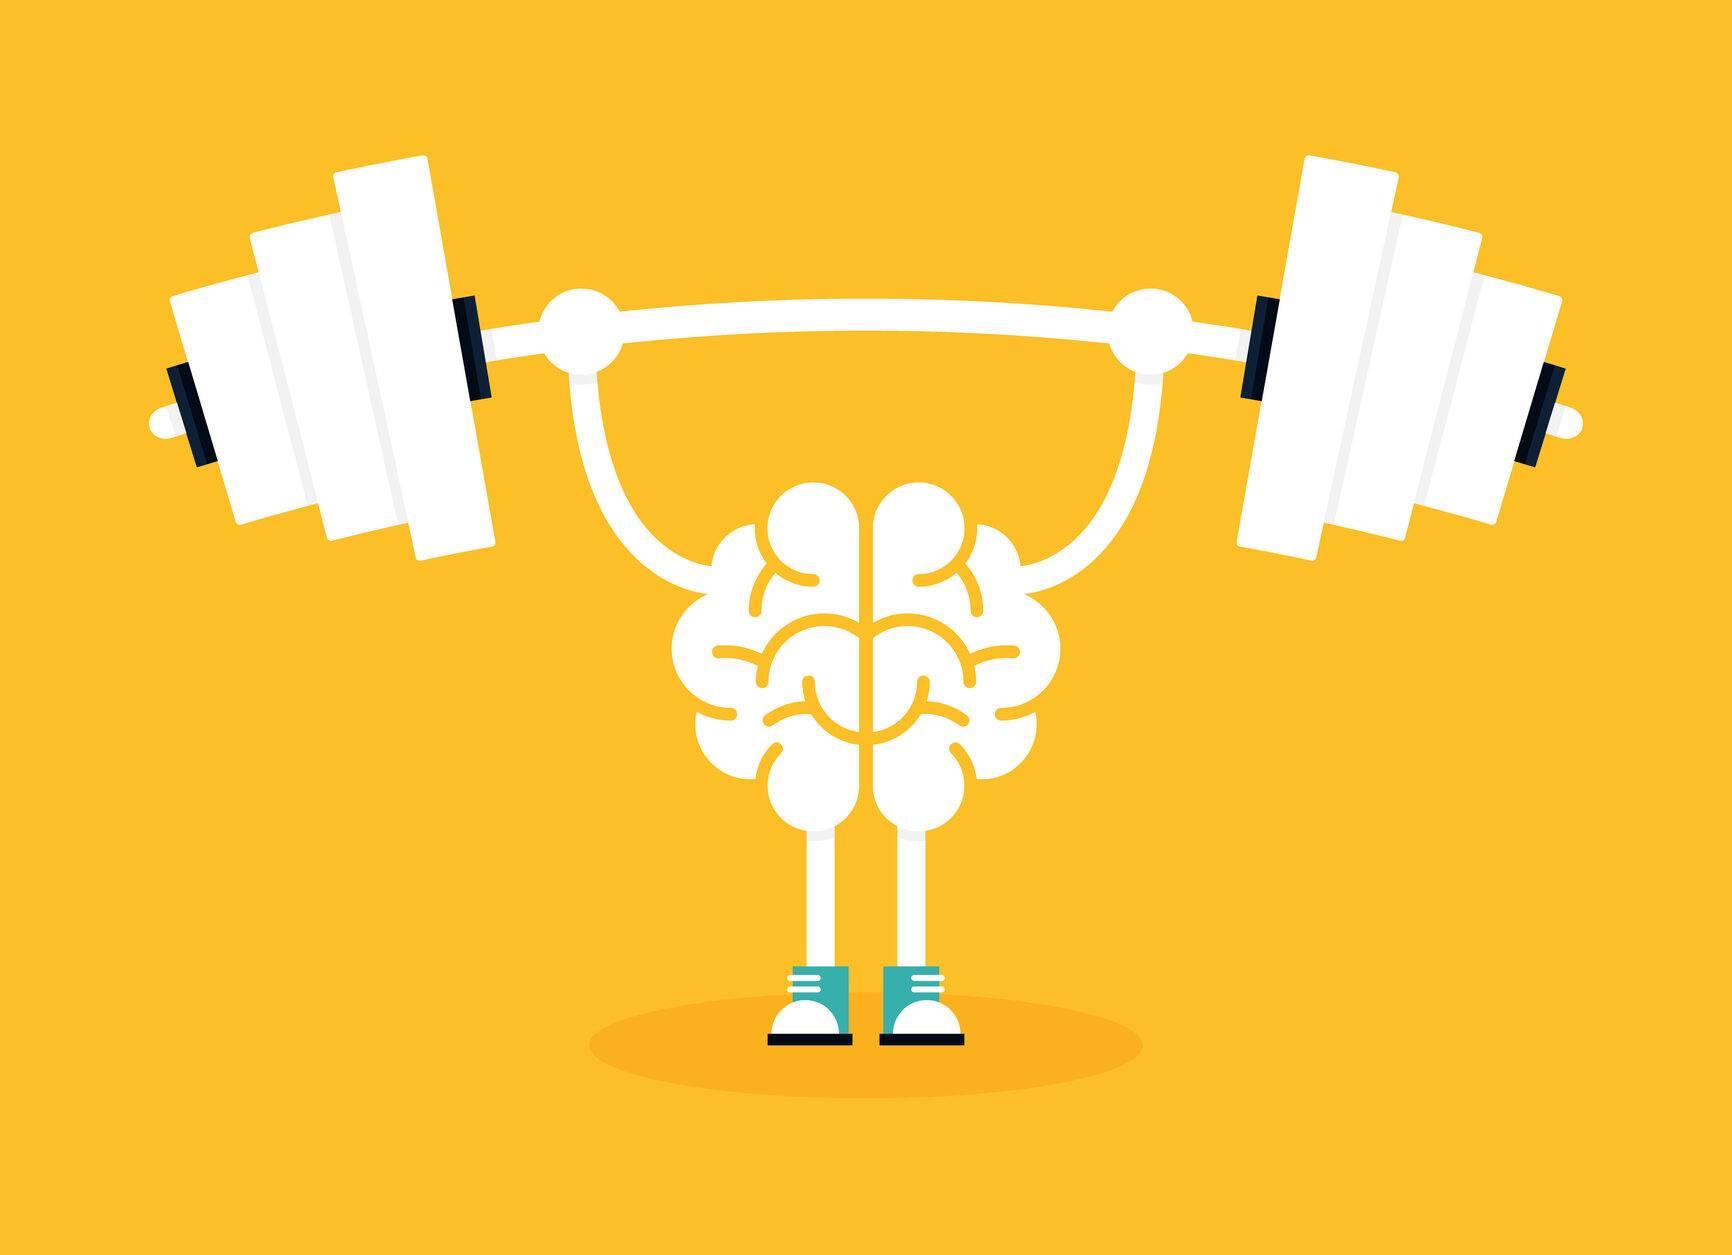 Câteva sfaturi de pus în practică pentru păstrarea îndelungată a sănătății și tinereții creierului